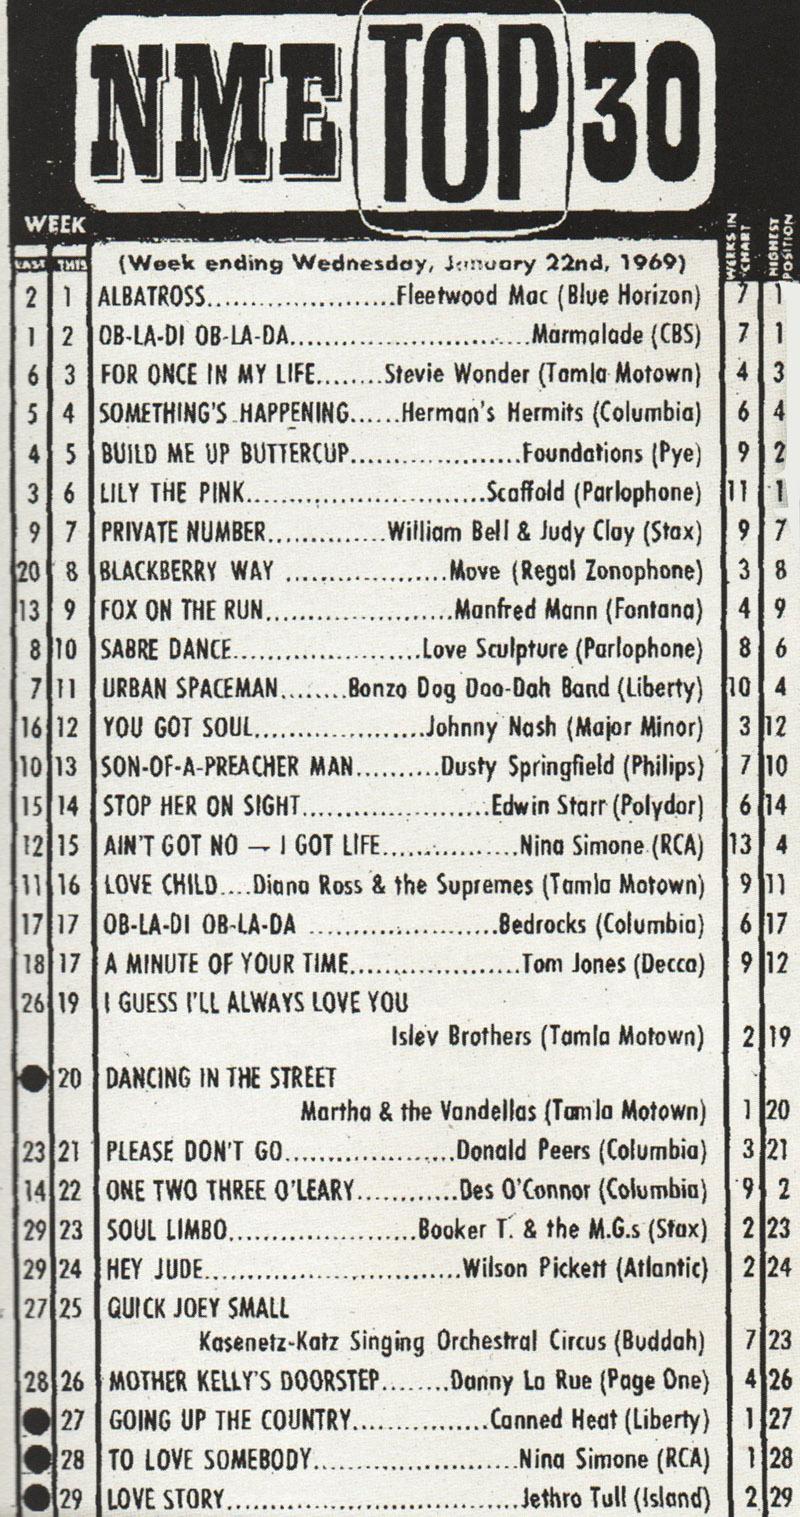 1969 chart